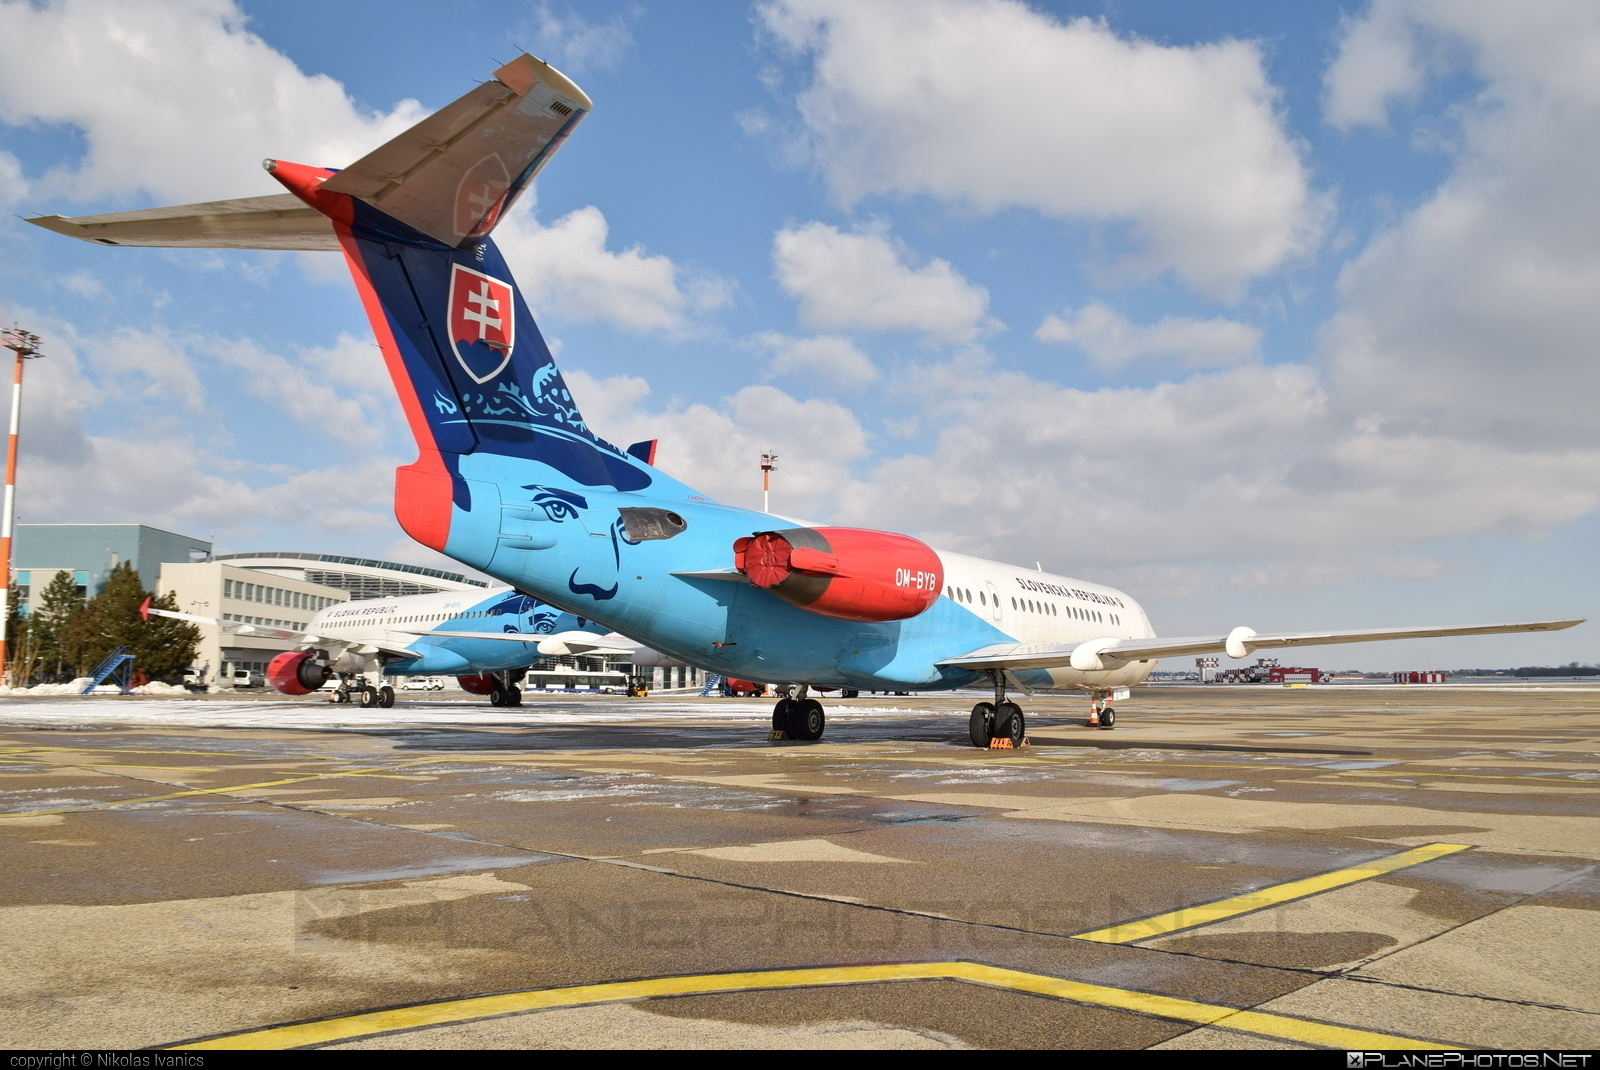 Fokker 100 - OM-BYB operated by Letecký útvar MV SR (Slovak Government Flying Service) #SlovakGovernmentFlyingService #fokker #fokker100 #leteckyutvarMVSR